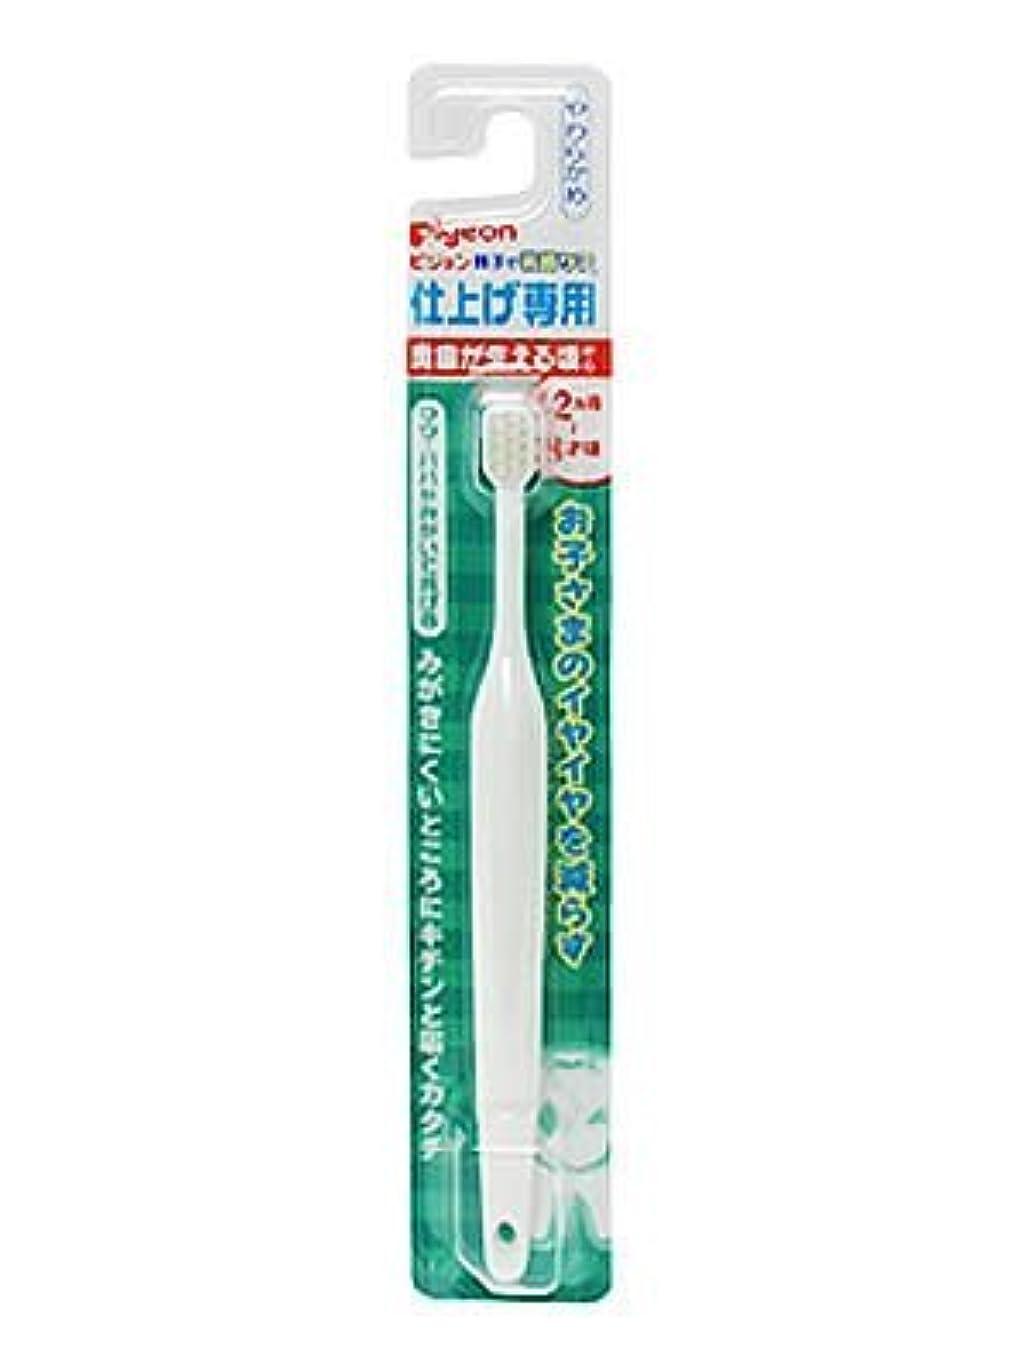 ジュラシックパーク検索エンジン最適化召喚する【まとめ買い】ピジョン 仕上げ専用歯ブラシ 奥歯が生える頃から ×3個